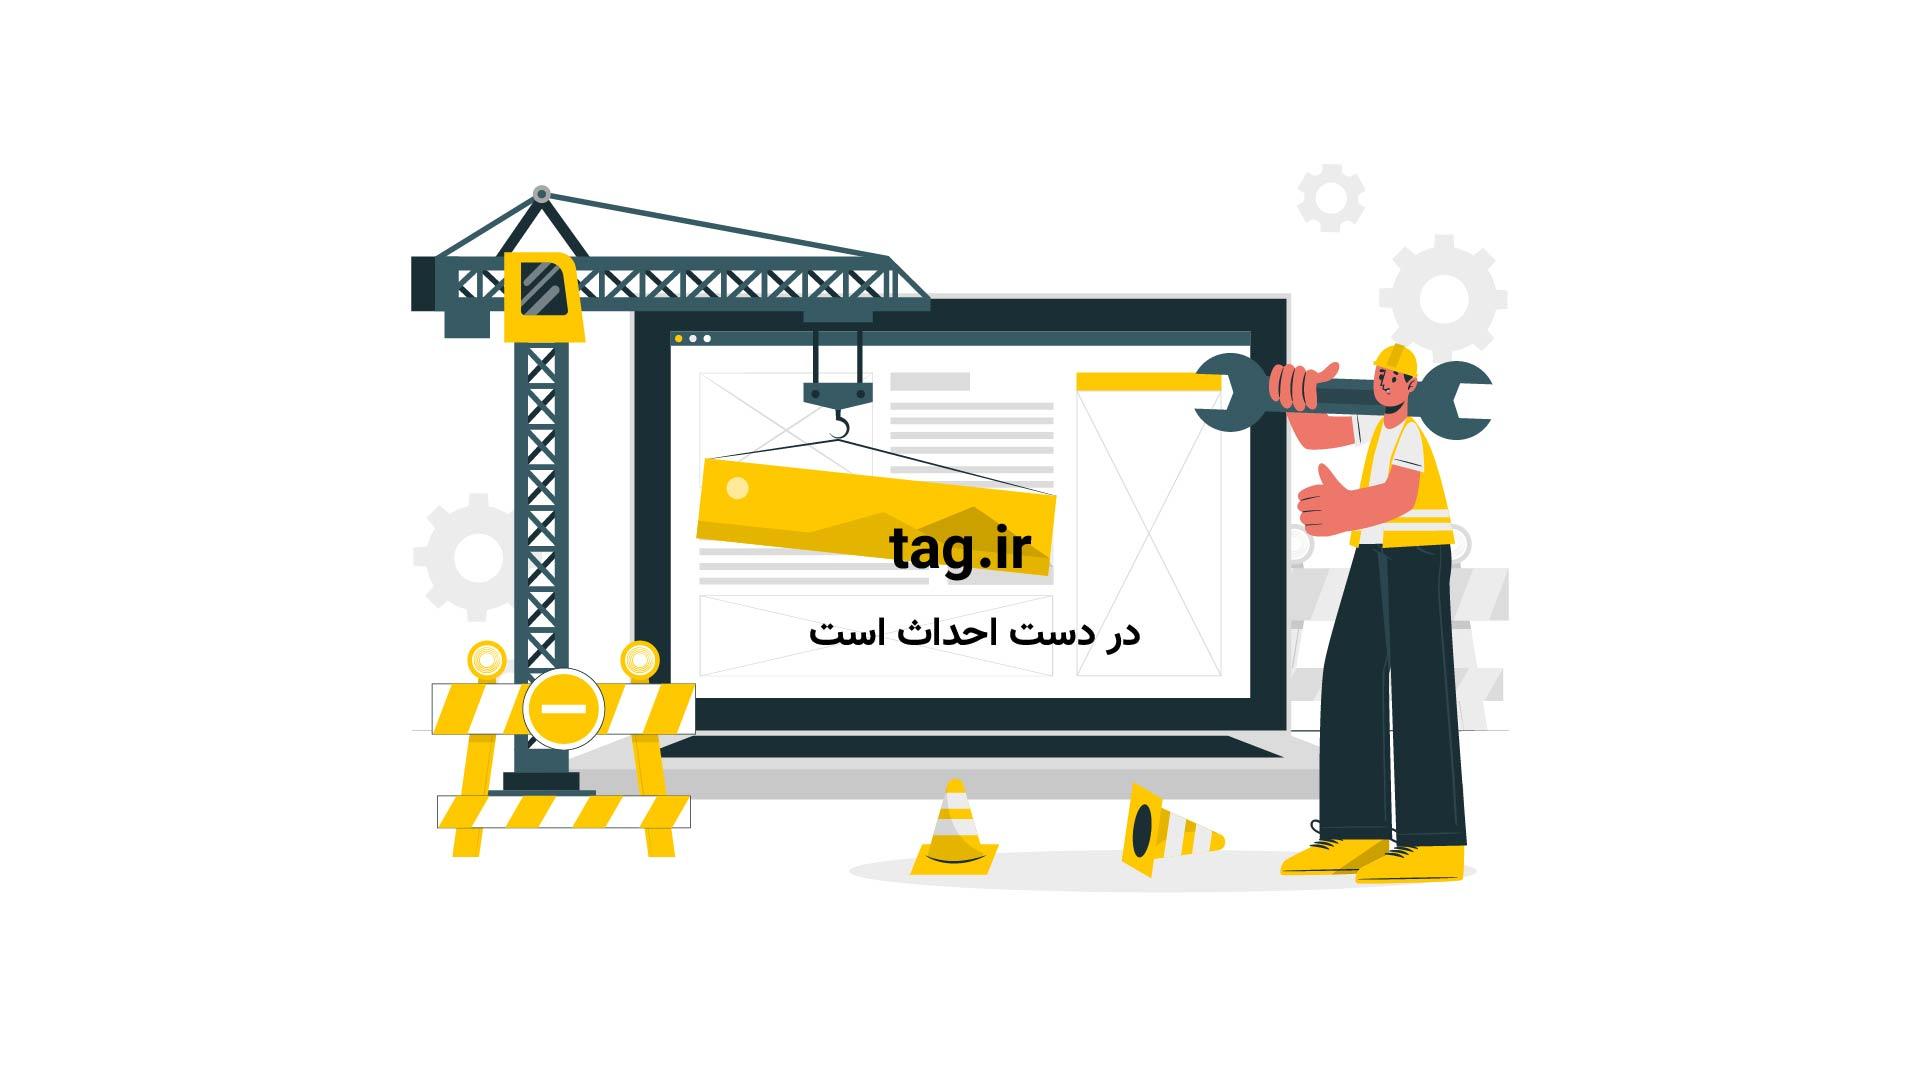 فیلم ابراز علاقه خرس به کسی که از آتش نجاتش داد